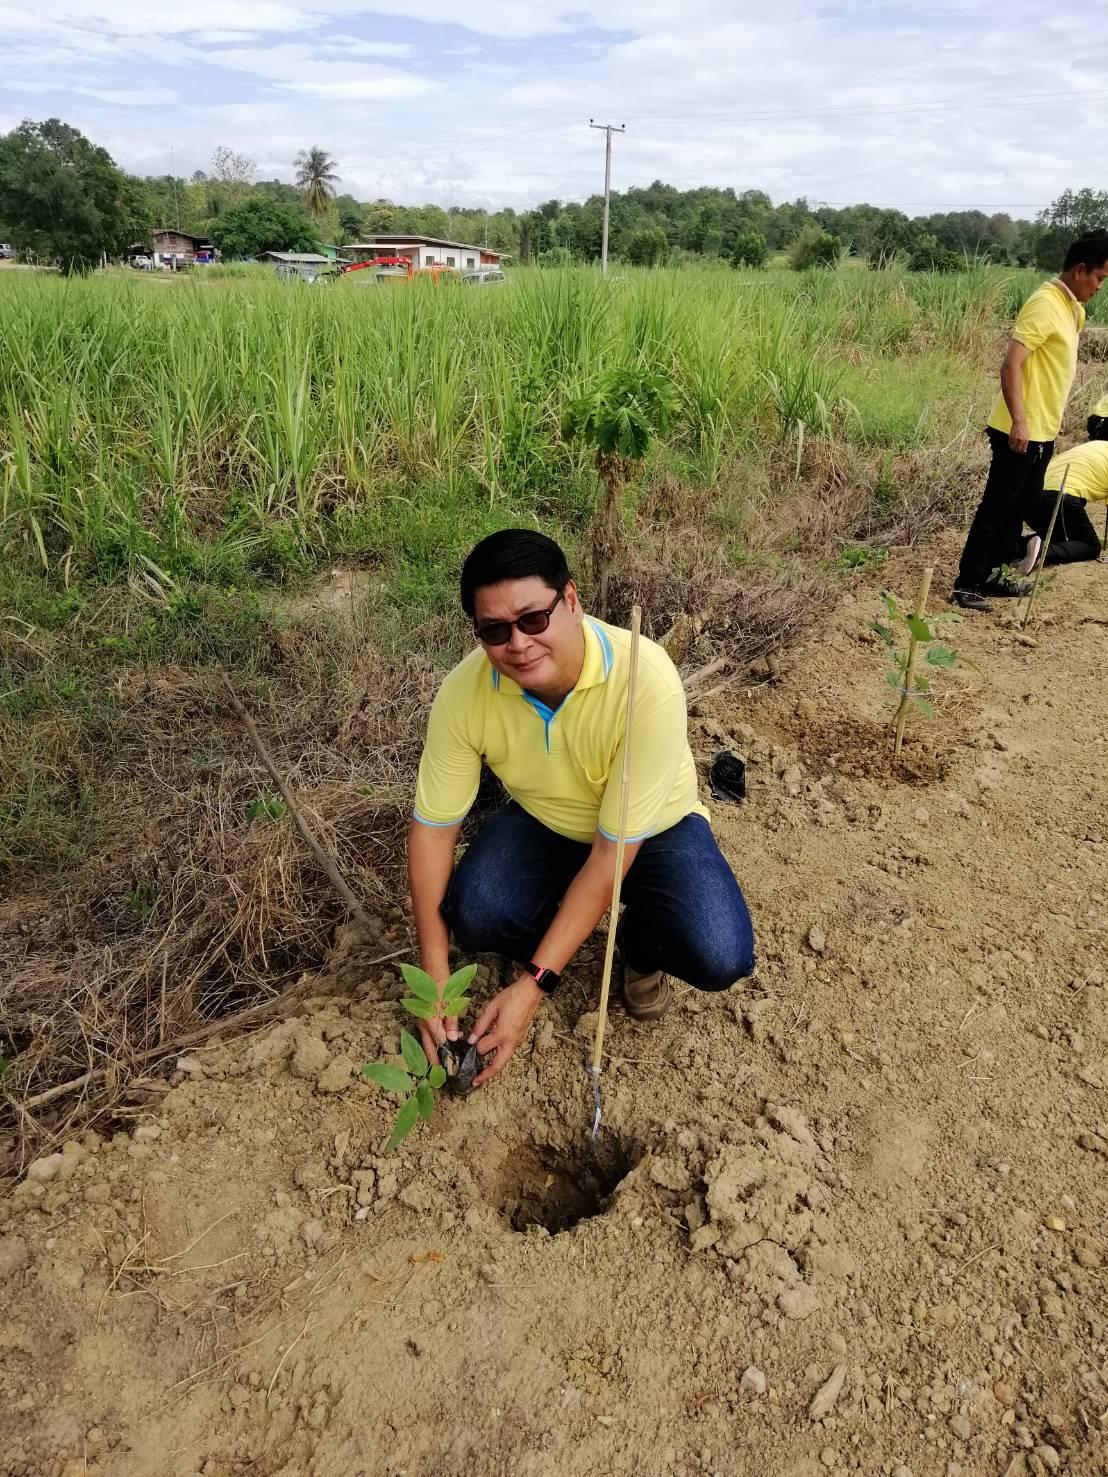 โครงการท้องถิ่นไทยรวมใจภักดิ์ รักพื้นที่สีเขียวและโครงการ ส่งเสริมการปลูกหญ้าแฝก